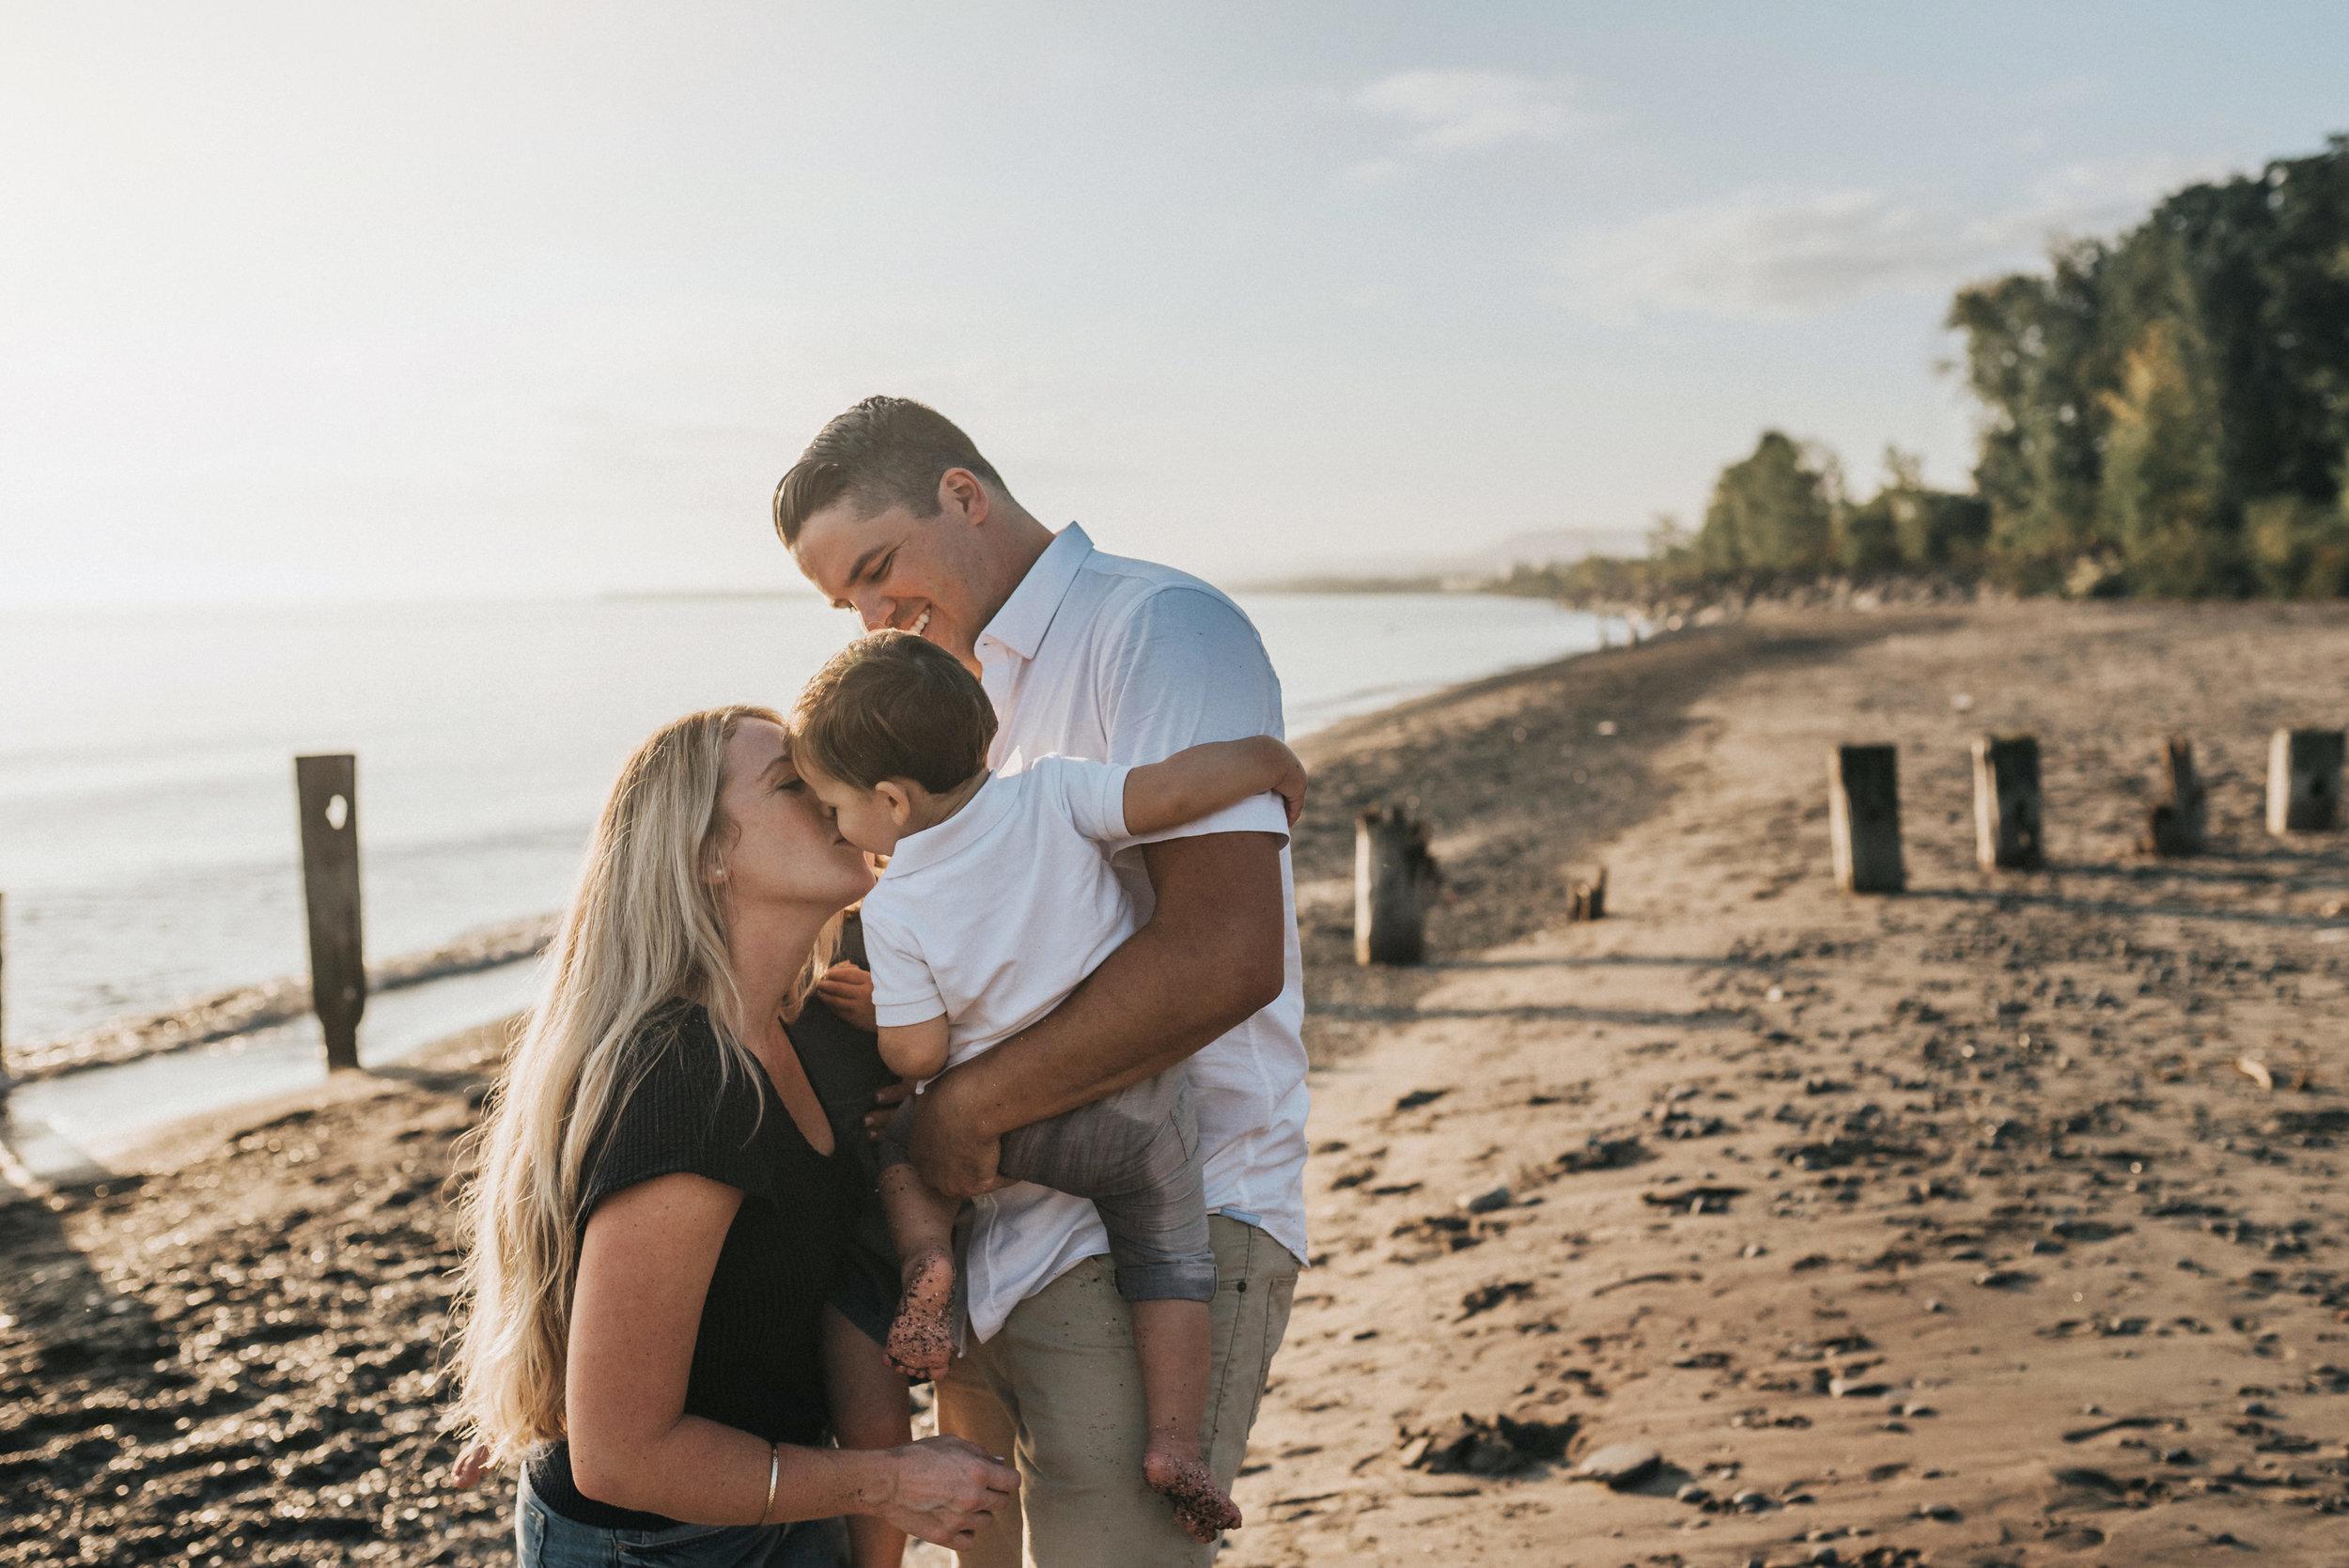 Grimsby-Hamilton-Niagara-Family-Photography-Beach-Session-Lifestyle-Photographer-a15.jpg